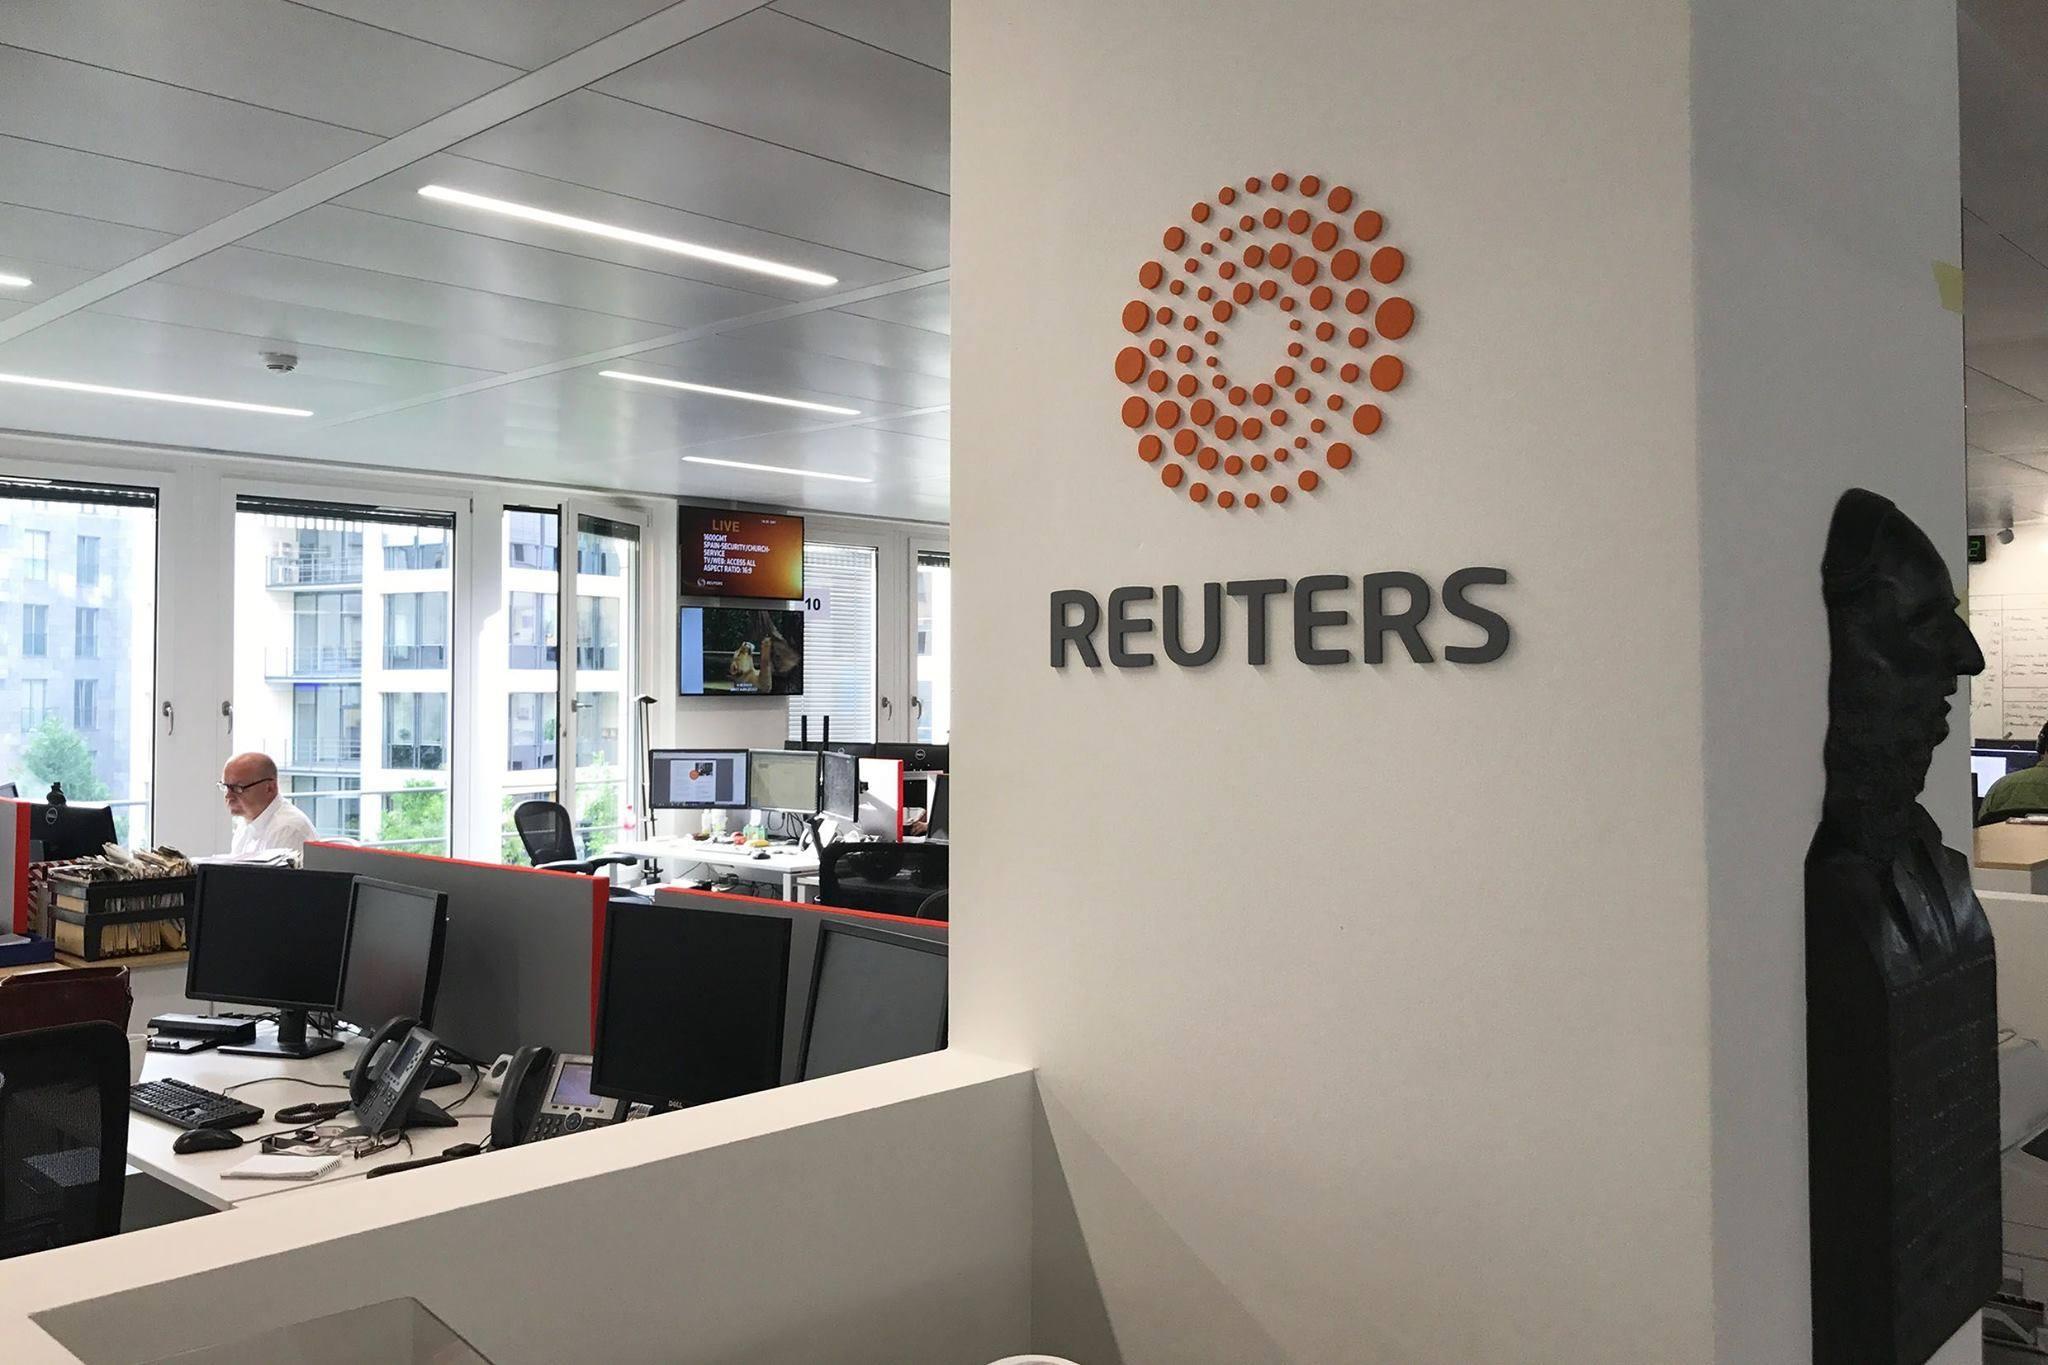 Lo que busca Reuters en un editor de contenidos sobre la comunidad LGBT